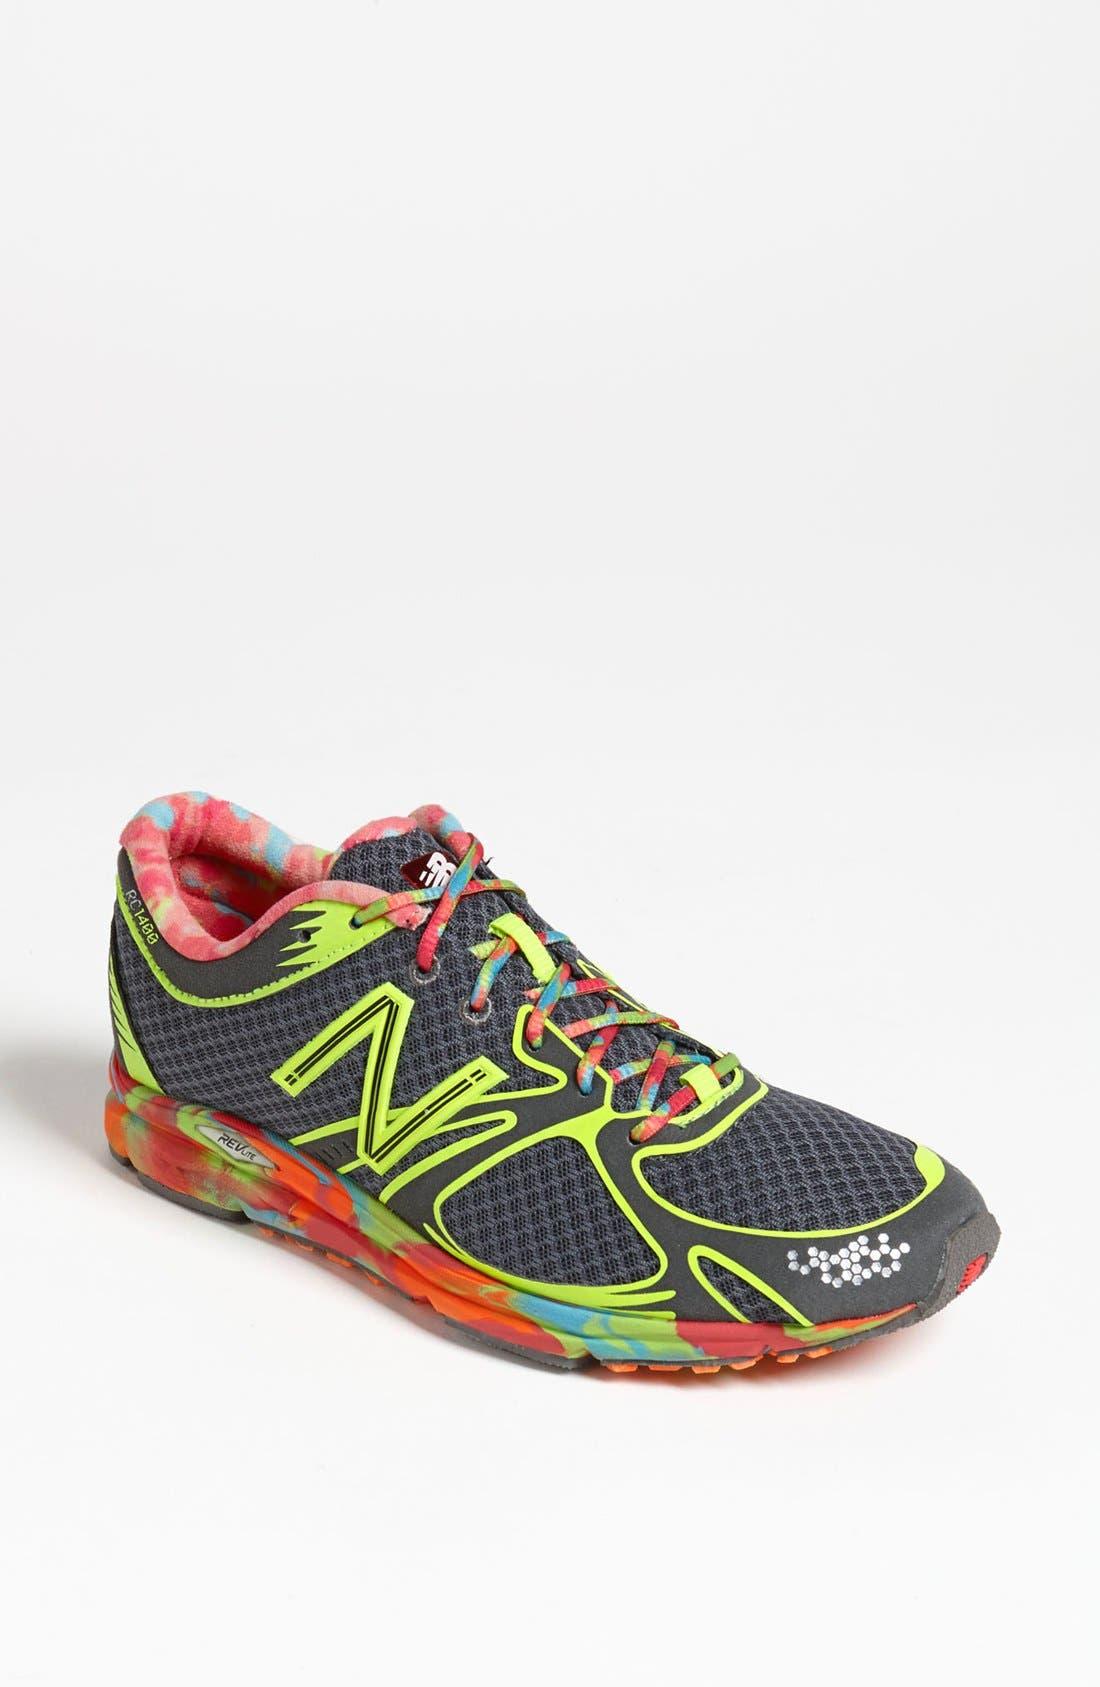 Main Image - New Balance '1400' Running Shoe (Women)